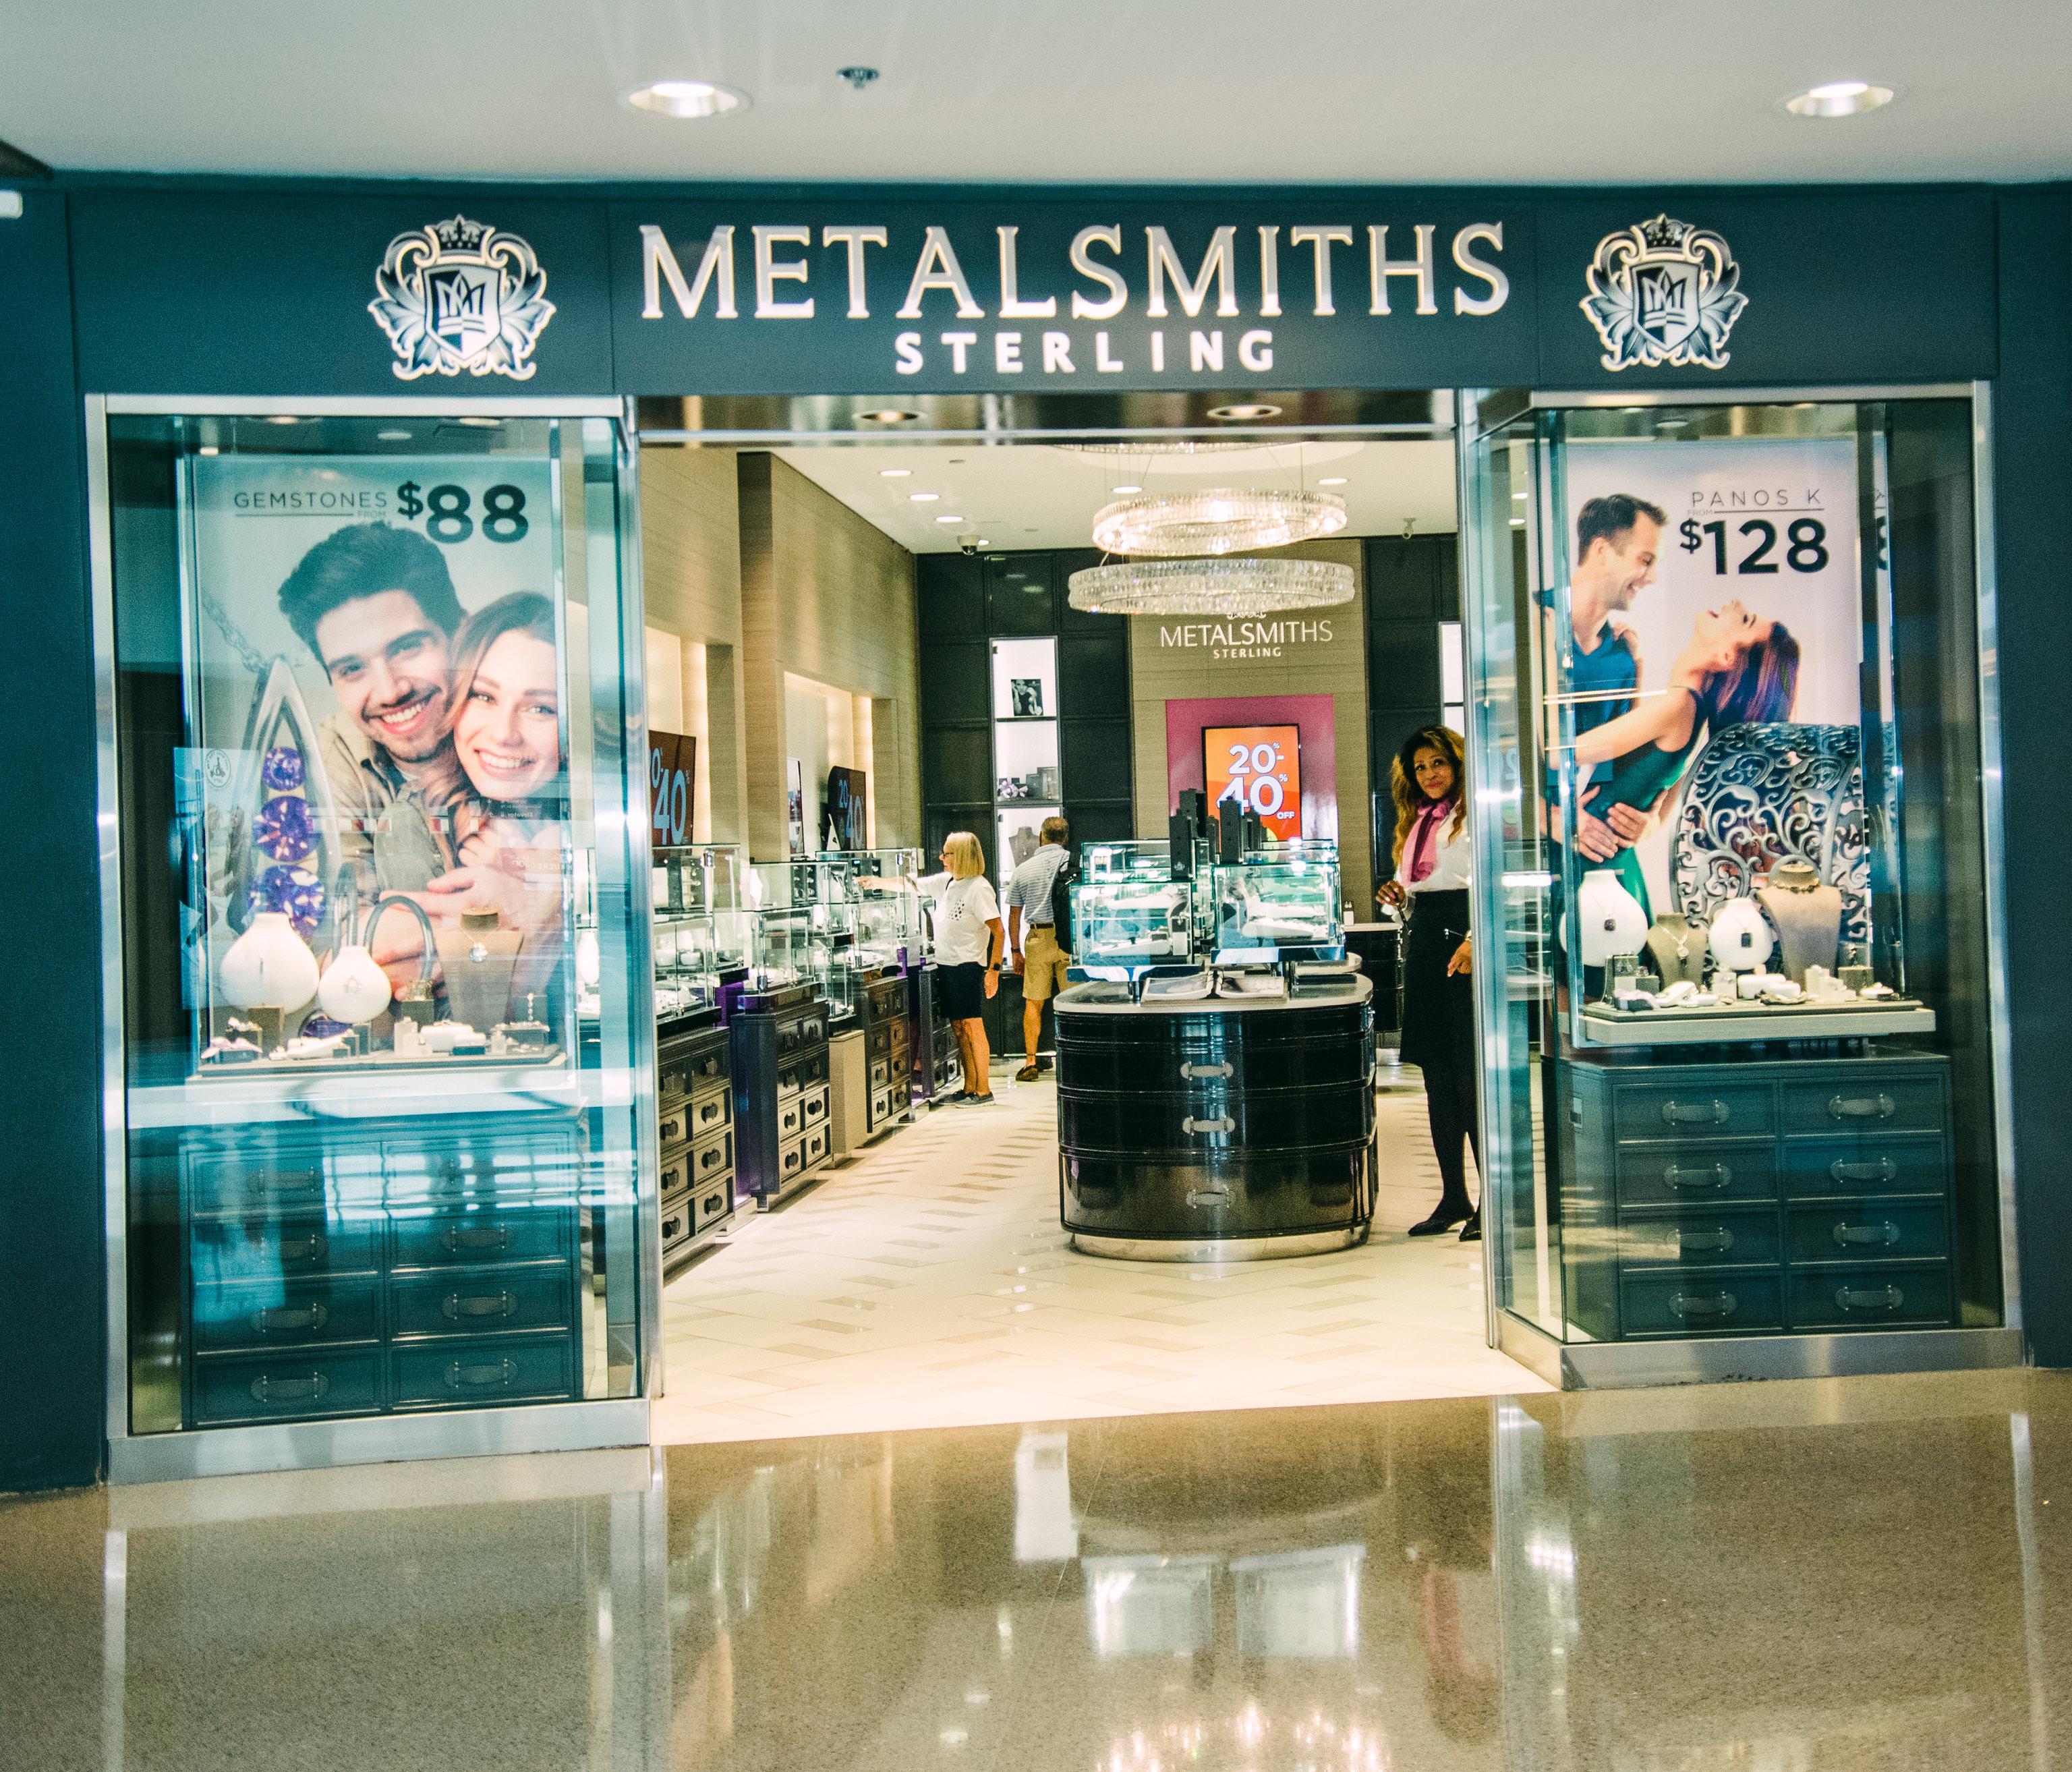 Metalsmiths Sterling